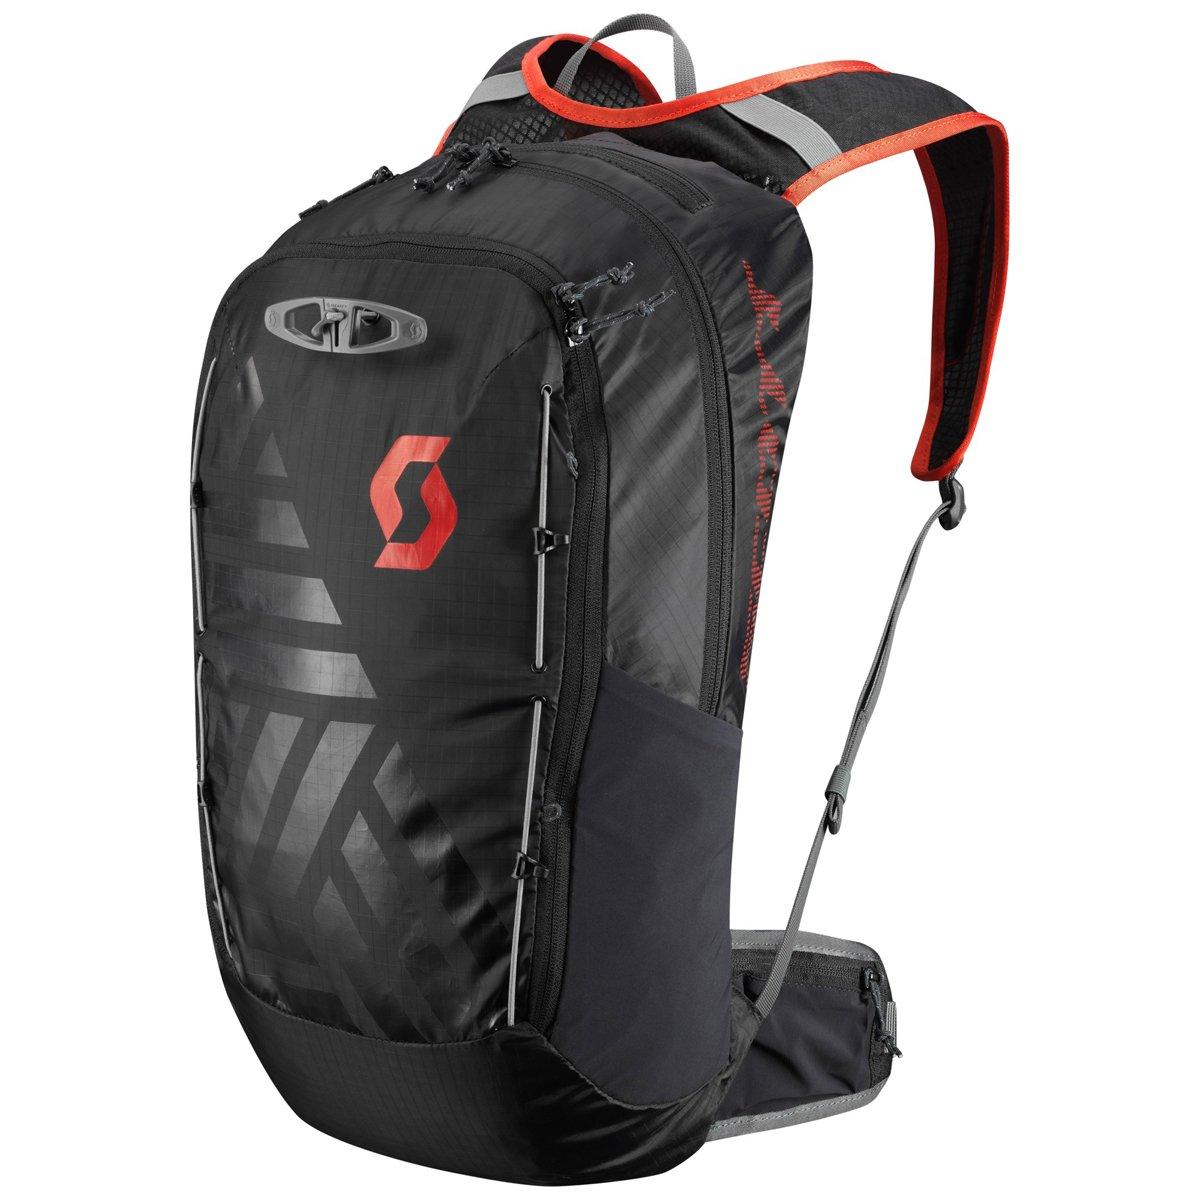 Scott Pack Trail Lite FR '22Black Nero, caviar black/fiery red, Taglia unica